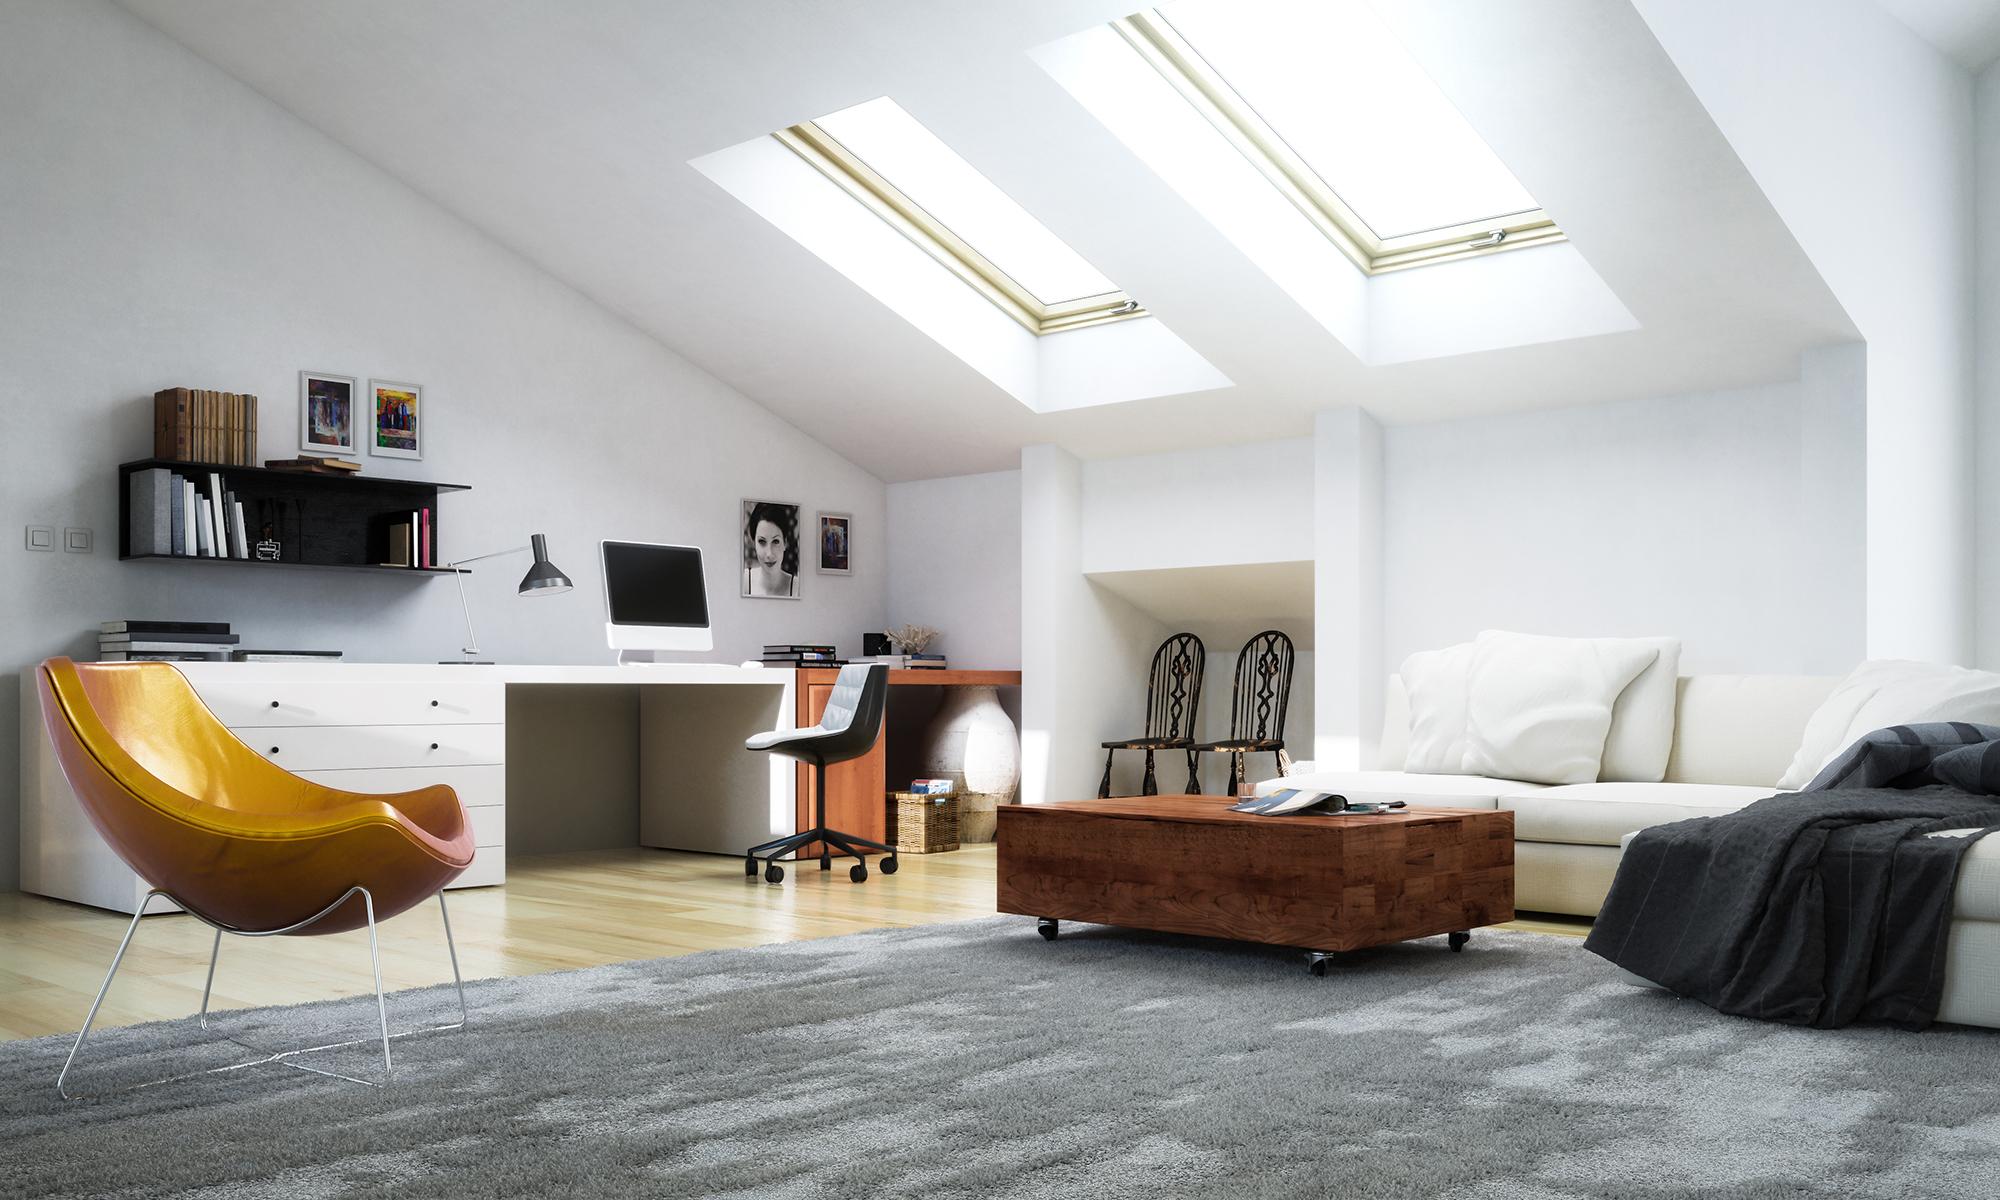 Das Dachgeschoss wird gerne als Arbeitszimmer genutzt und sollte deshalb ordentlich & harmonisch eingerichtet werden